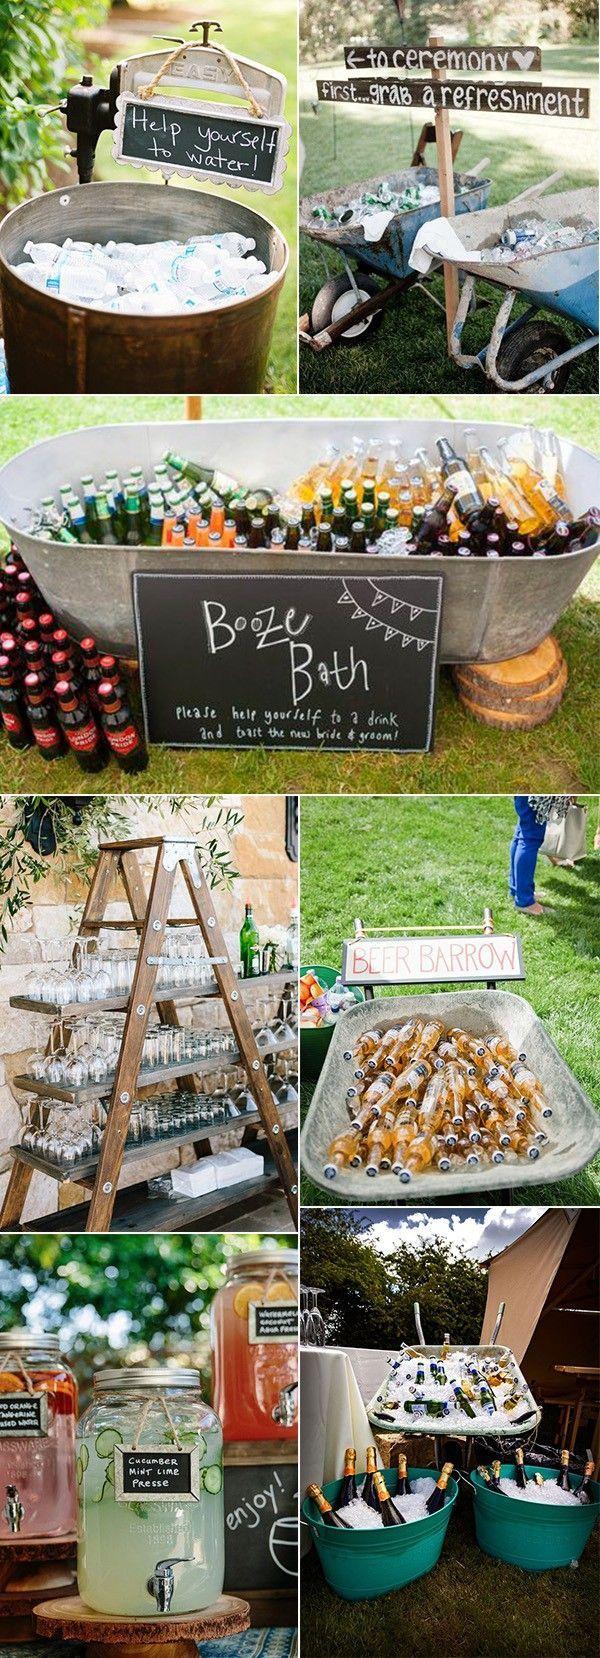 30+ atemberaubende Hochzeitsideen im Freien zu lieben – Seite 2 von 2 outdoor wedding